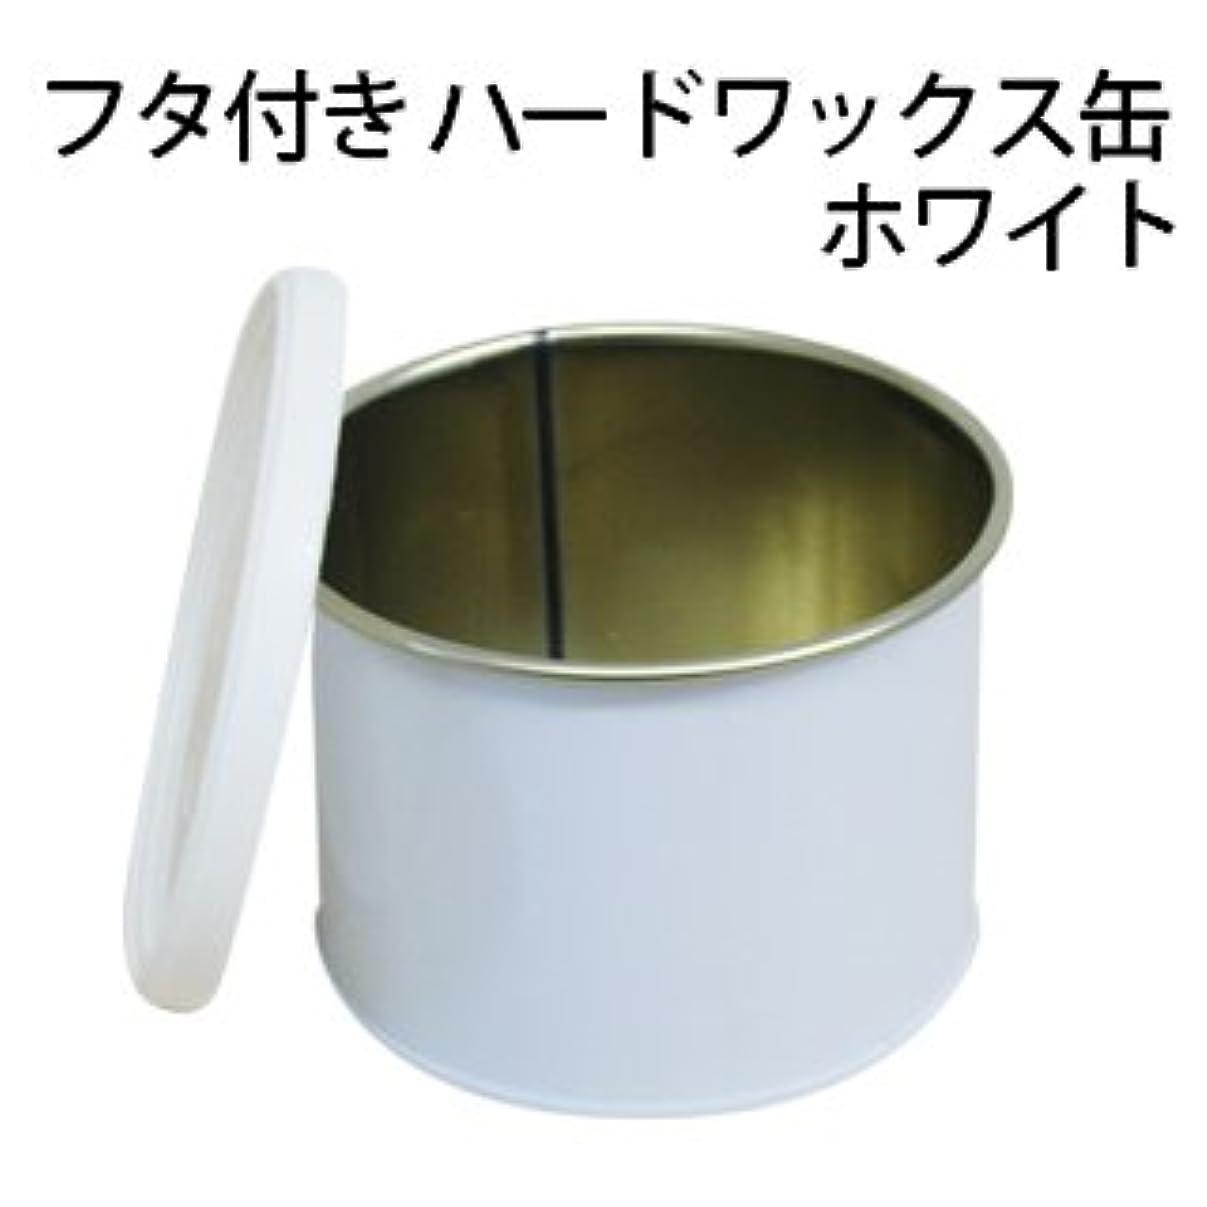 電球ロック距離【ワックス脱毛 ワックス 脱毛】フタ付き ハードワックス用缶 ホワイト